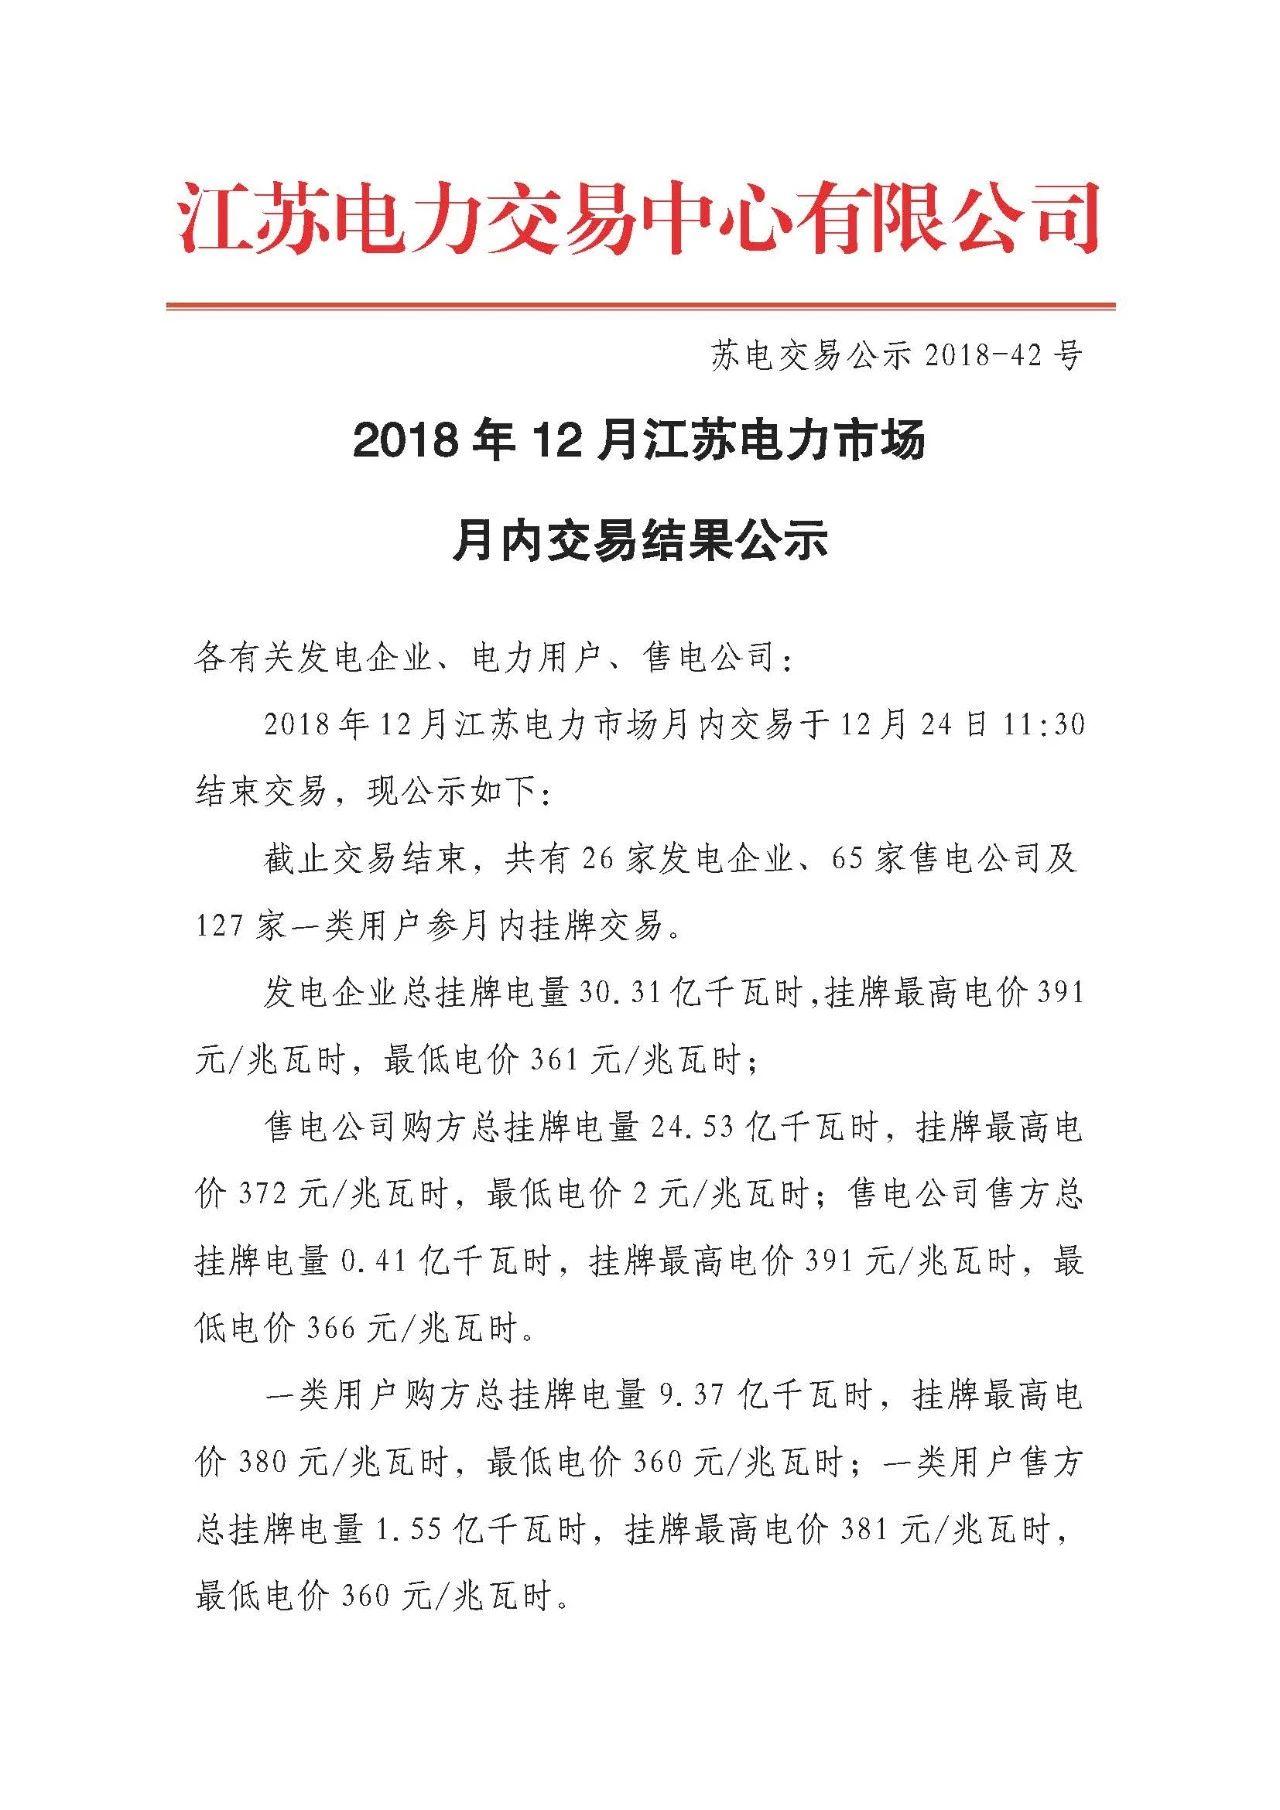 江苏12月电力市场月内交易:成交电量31.22亿千瓦时